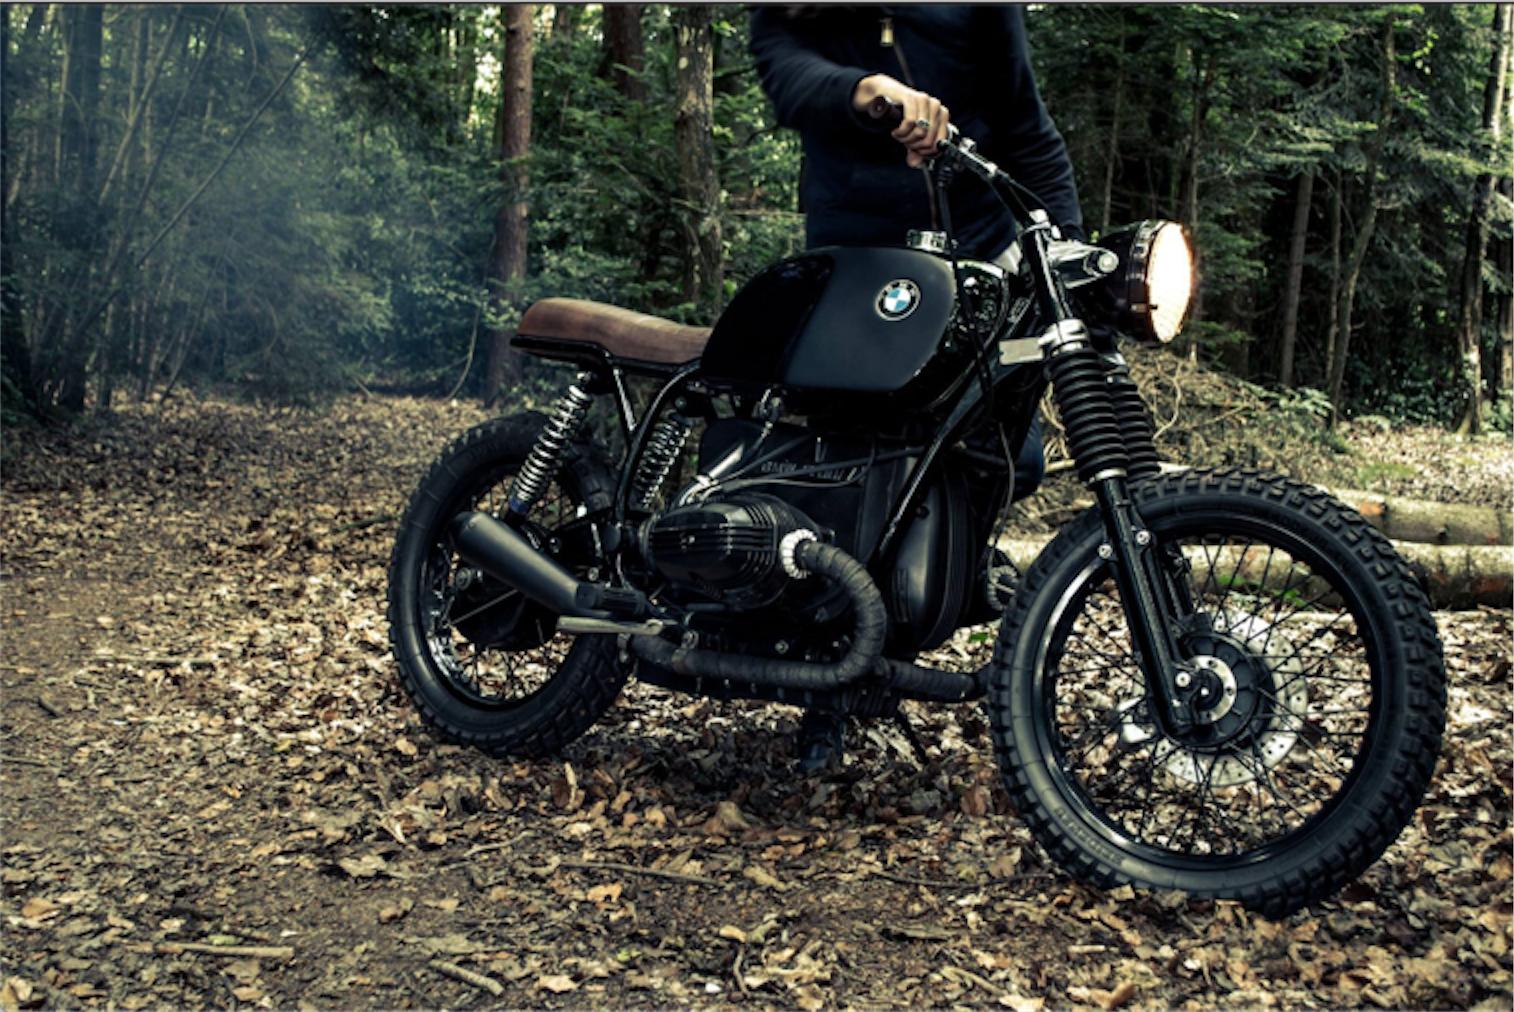 Bmw r60 7 par st brooklyn motorcycle